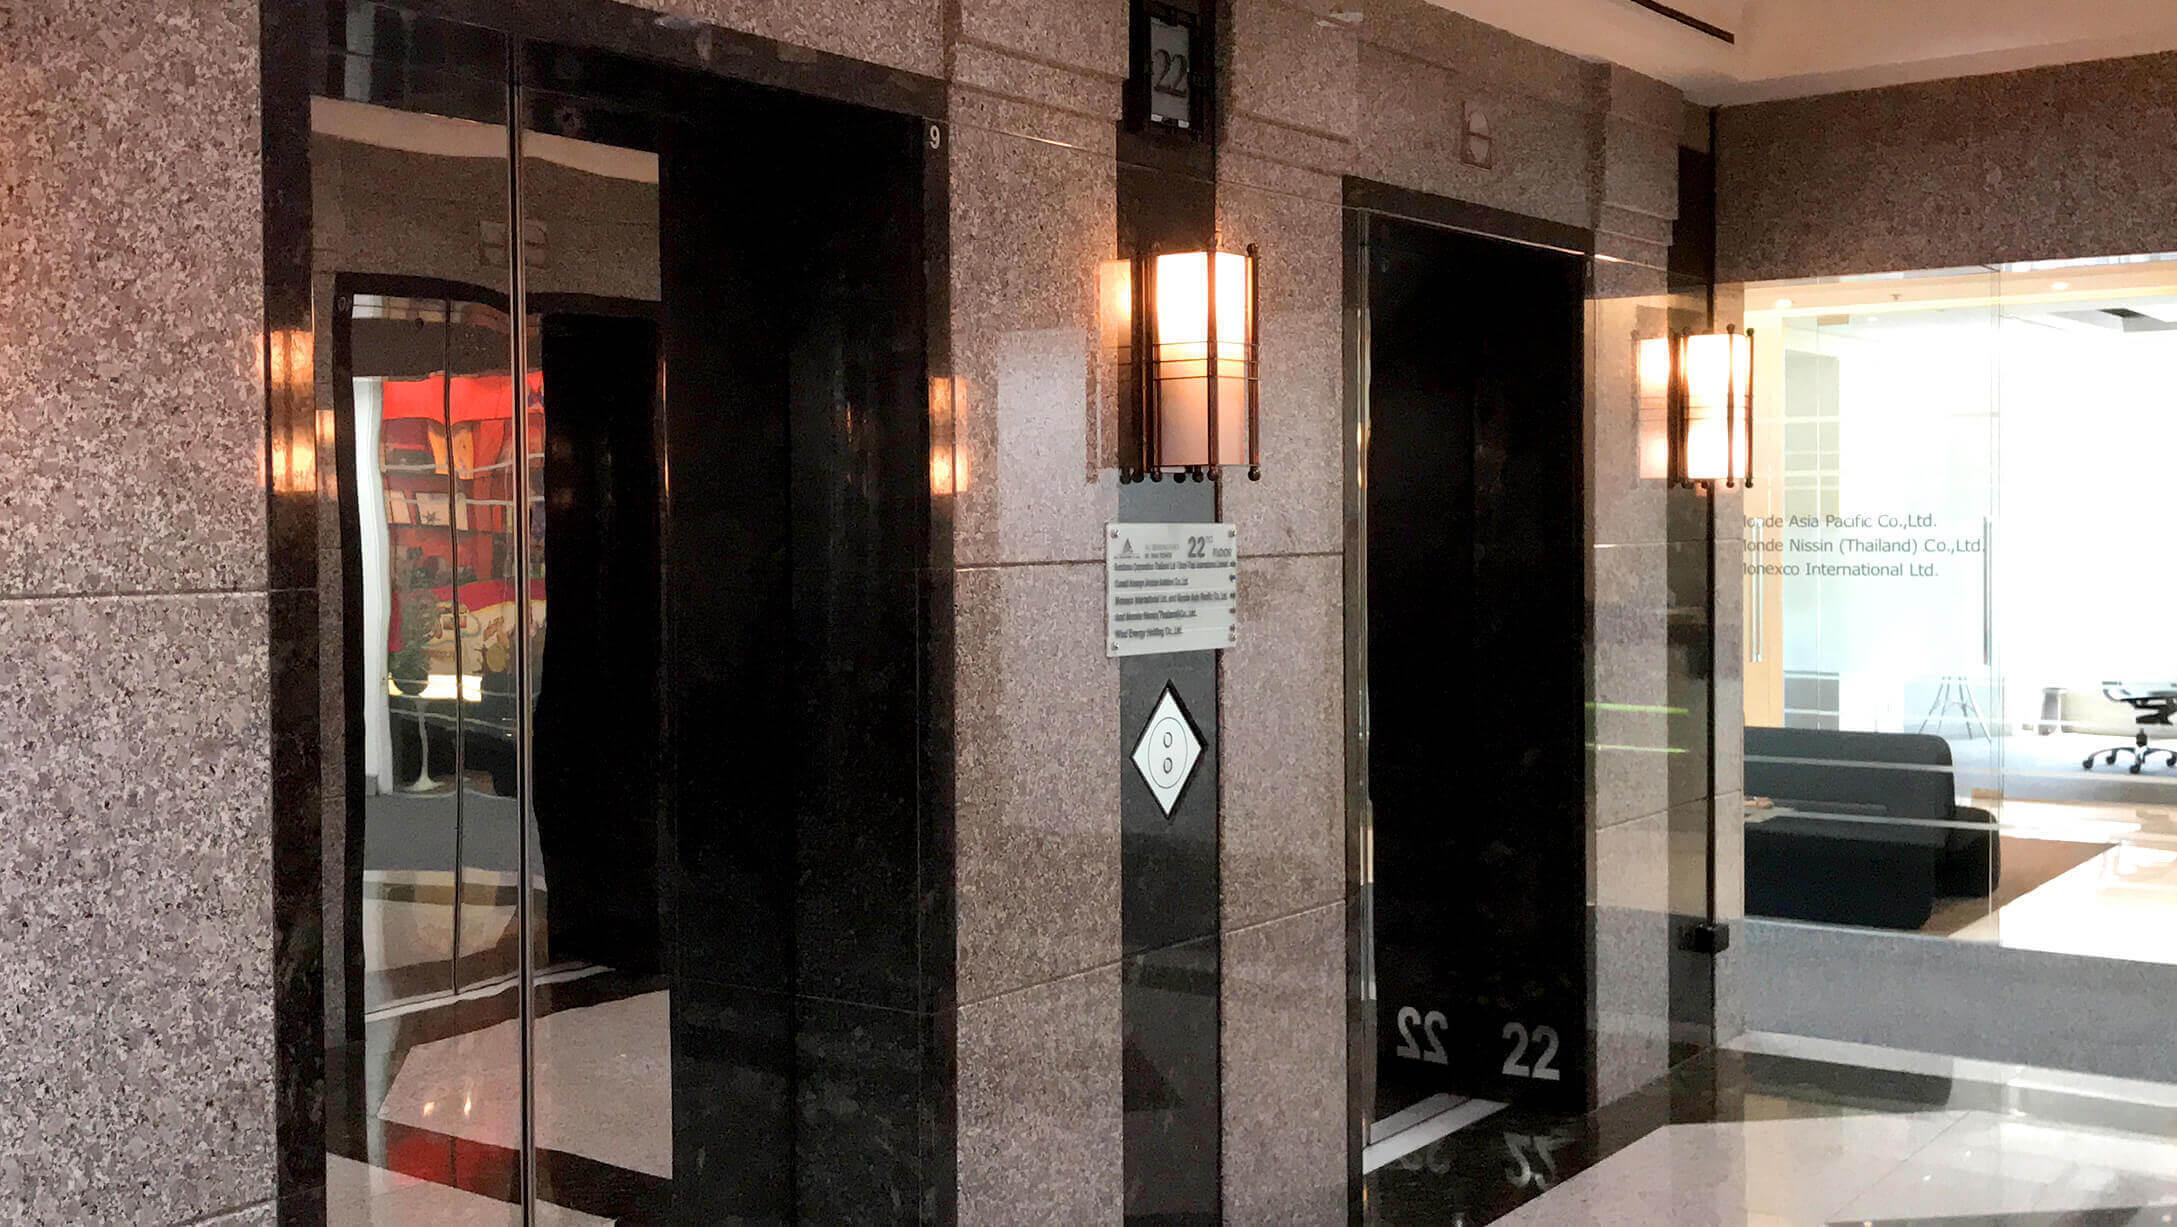 プルンチットオフィス物件M Thai Tower エレベーターの様子